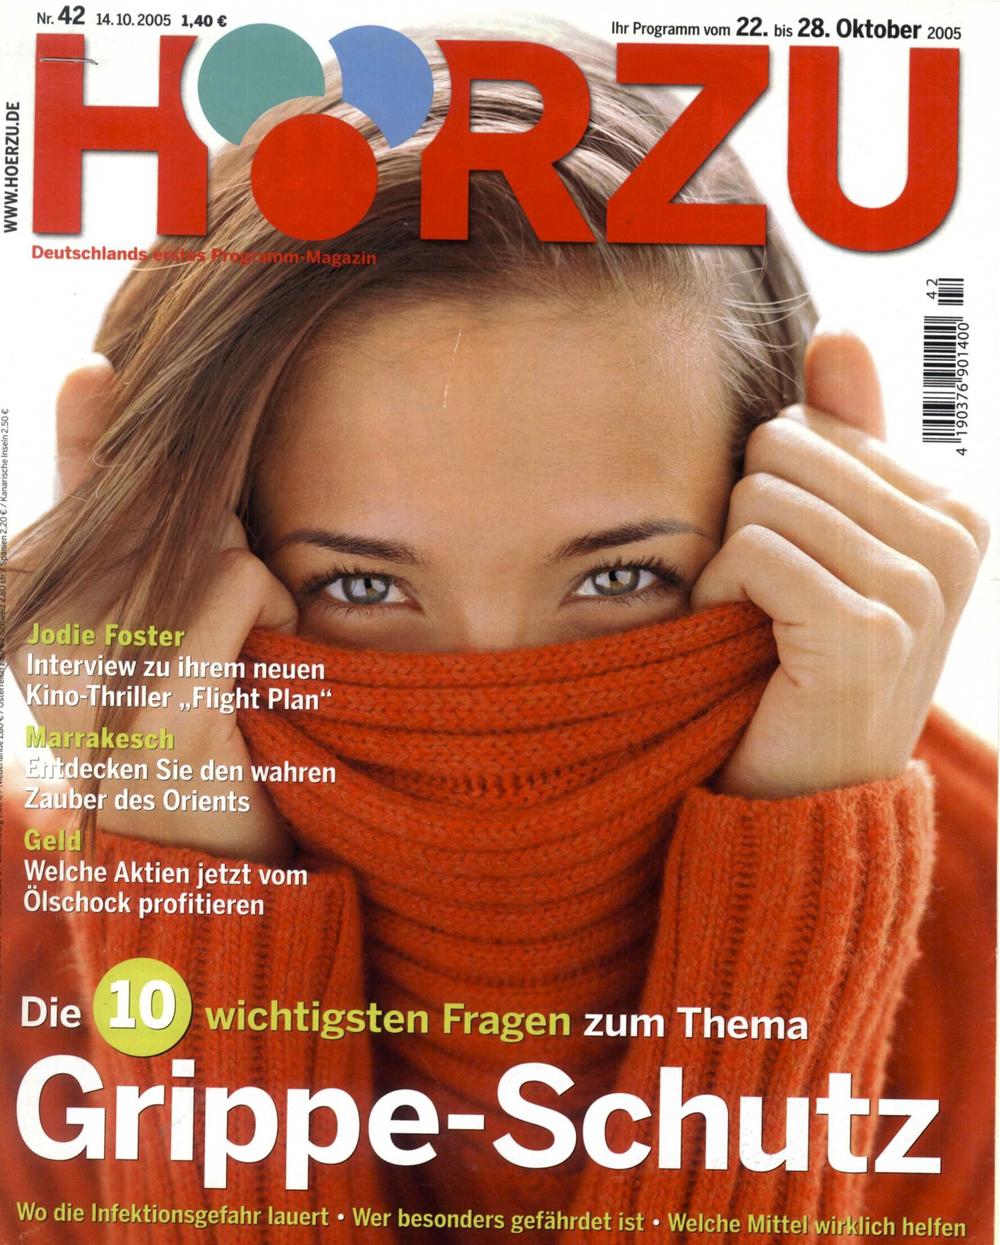 HZ_14.10.2005_Cover.jpg